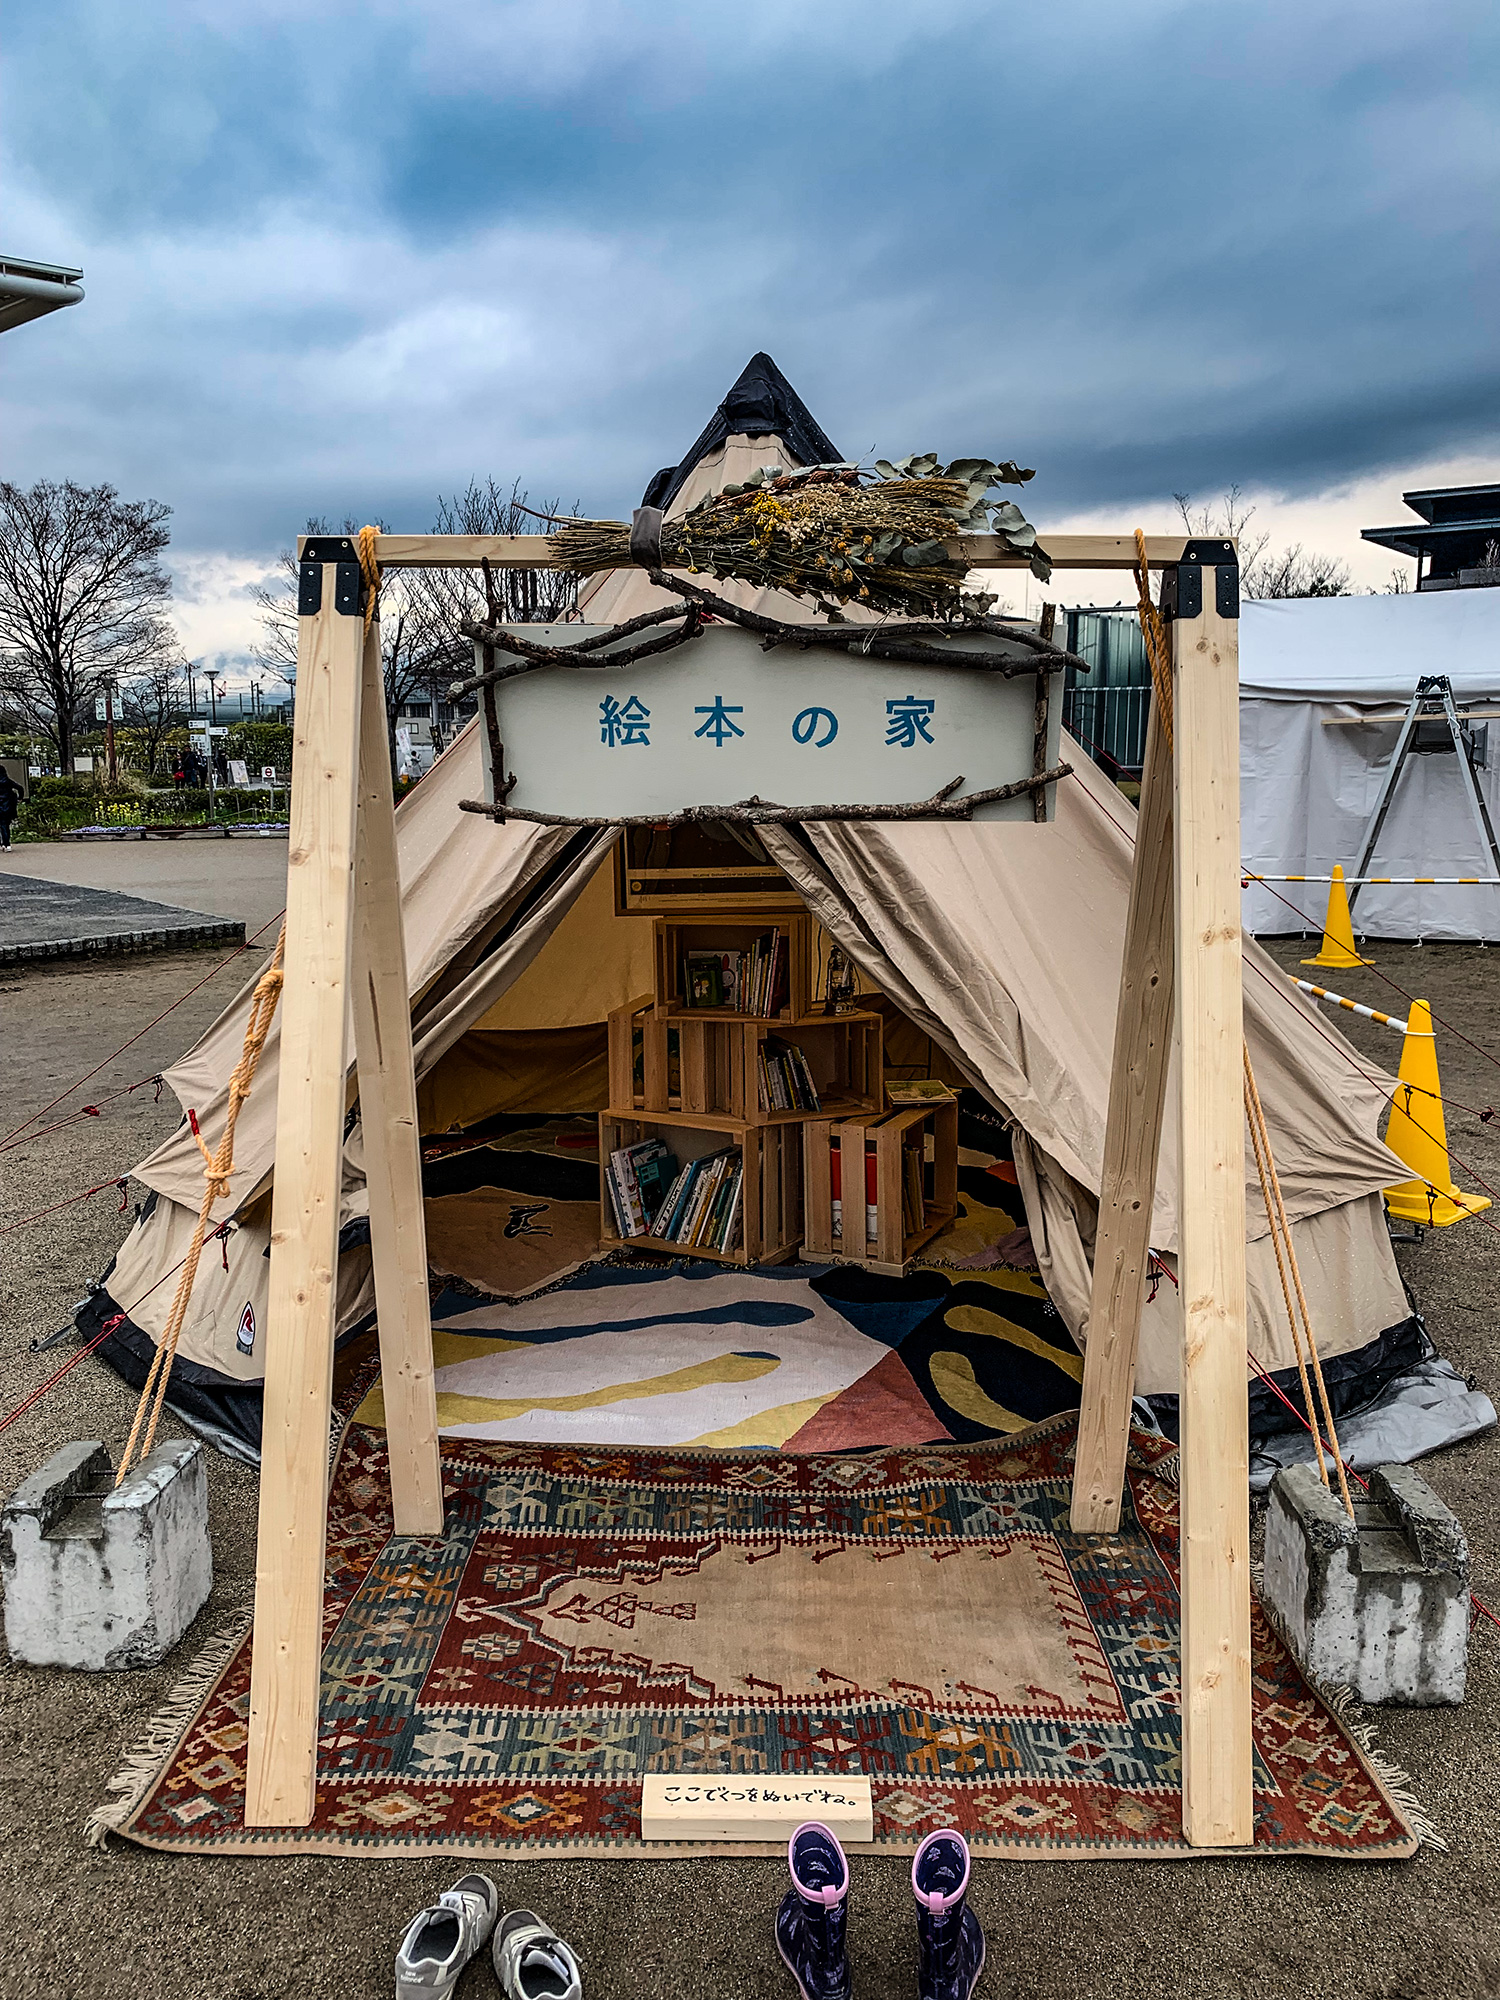 太陽と星空のサーカスin京都梅小路公園